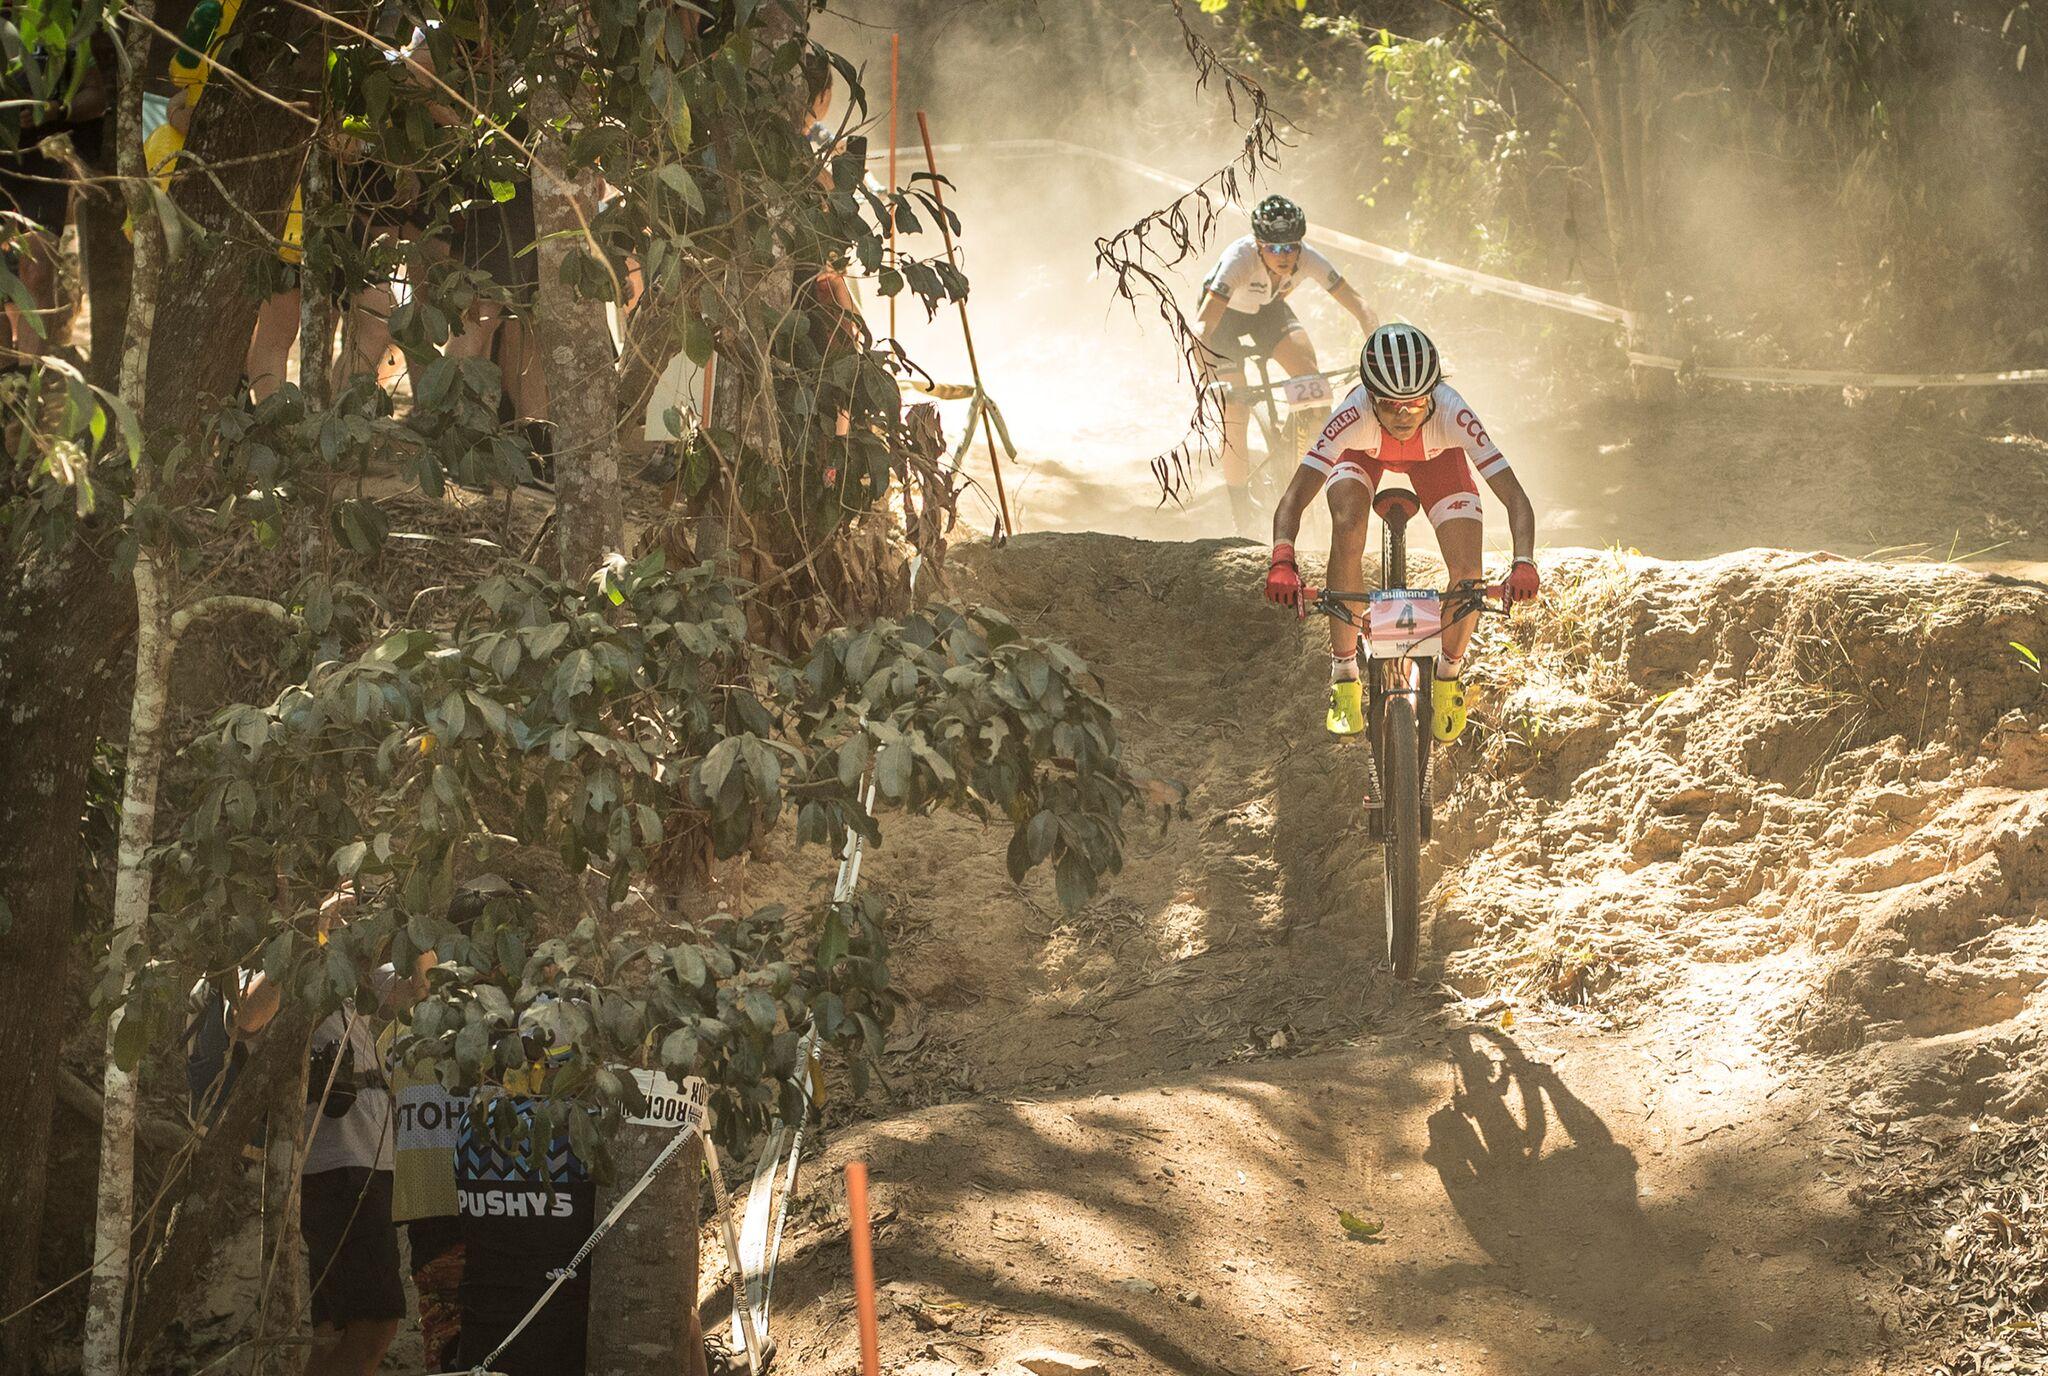 Mistrzostwa Świata w kolarstwie górskim – Cairns, Australia [powtórka]